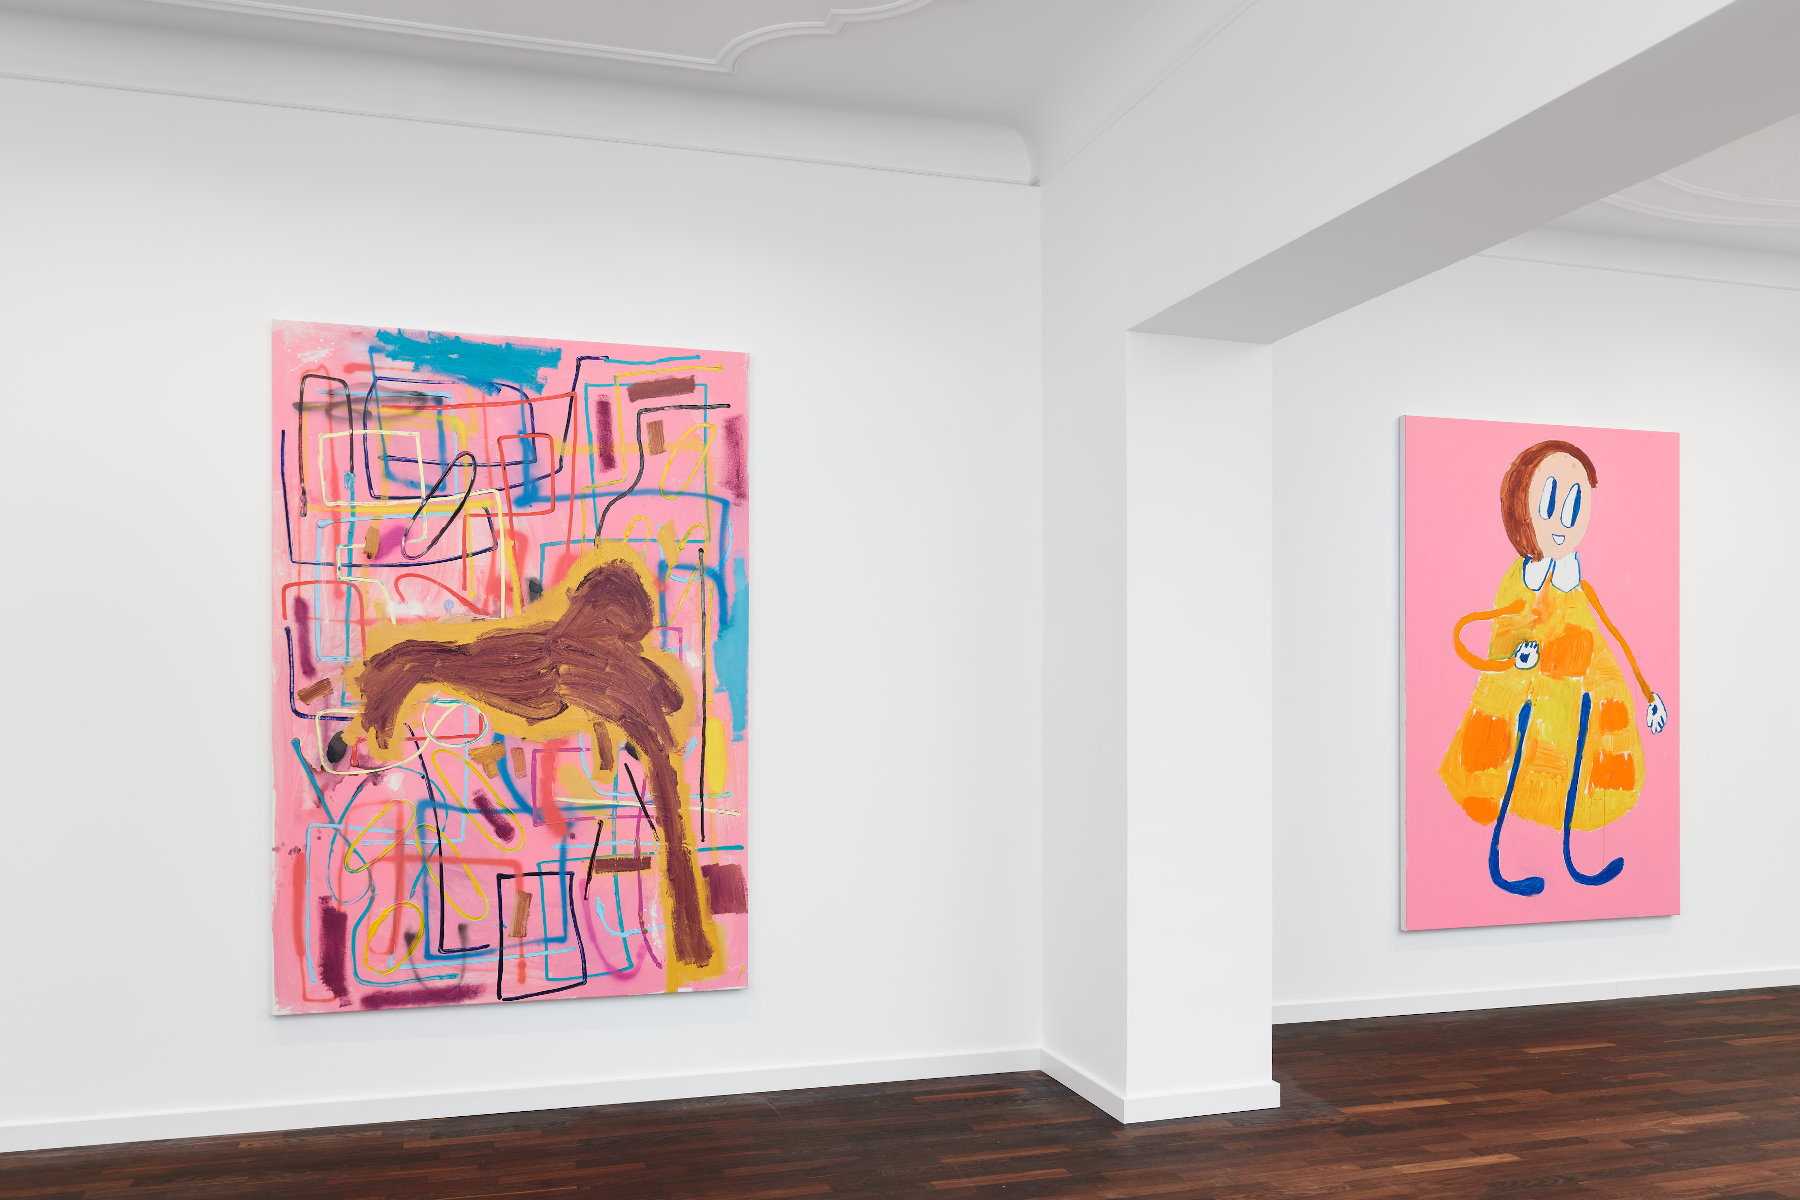 Galerie Max Hetzler Berlin Andre Butzer 1